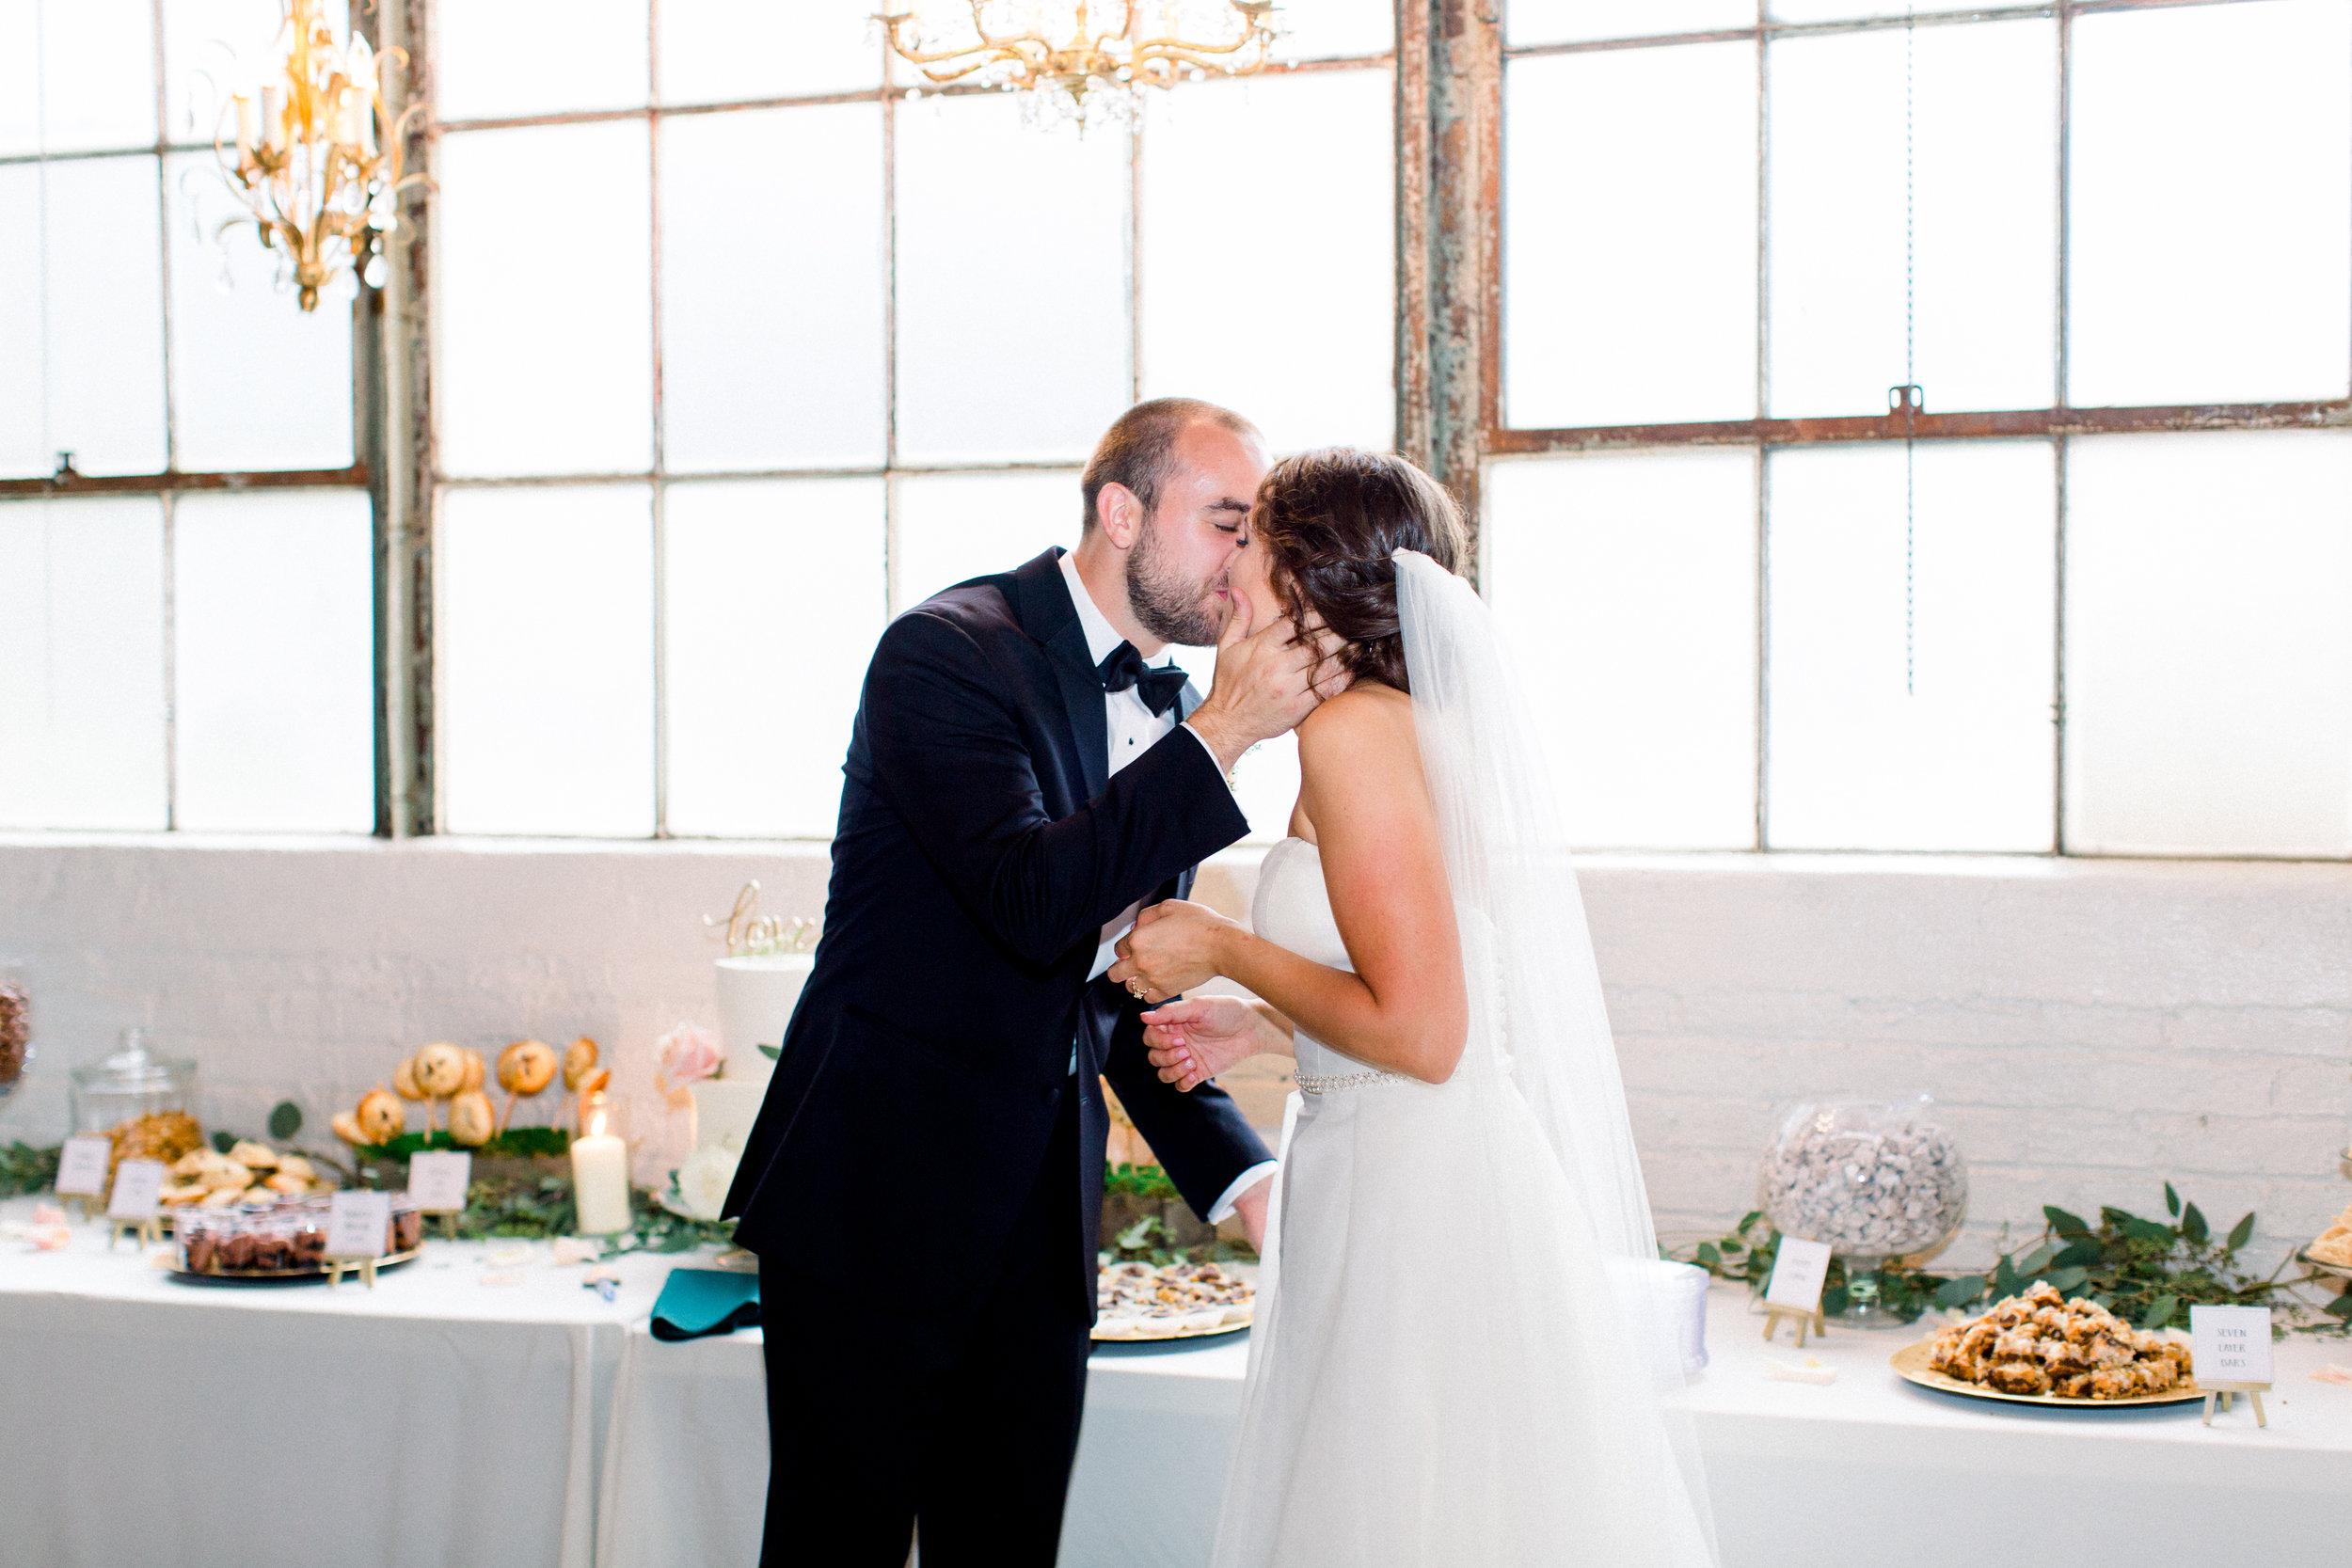 Steiner+Wedding+Reception-79.jpg